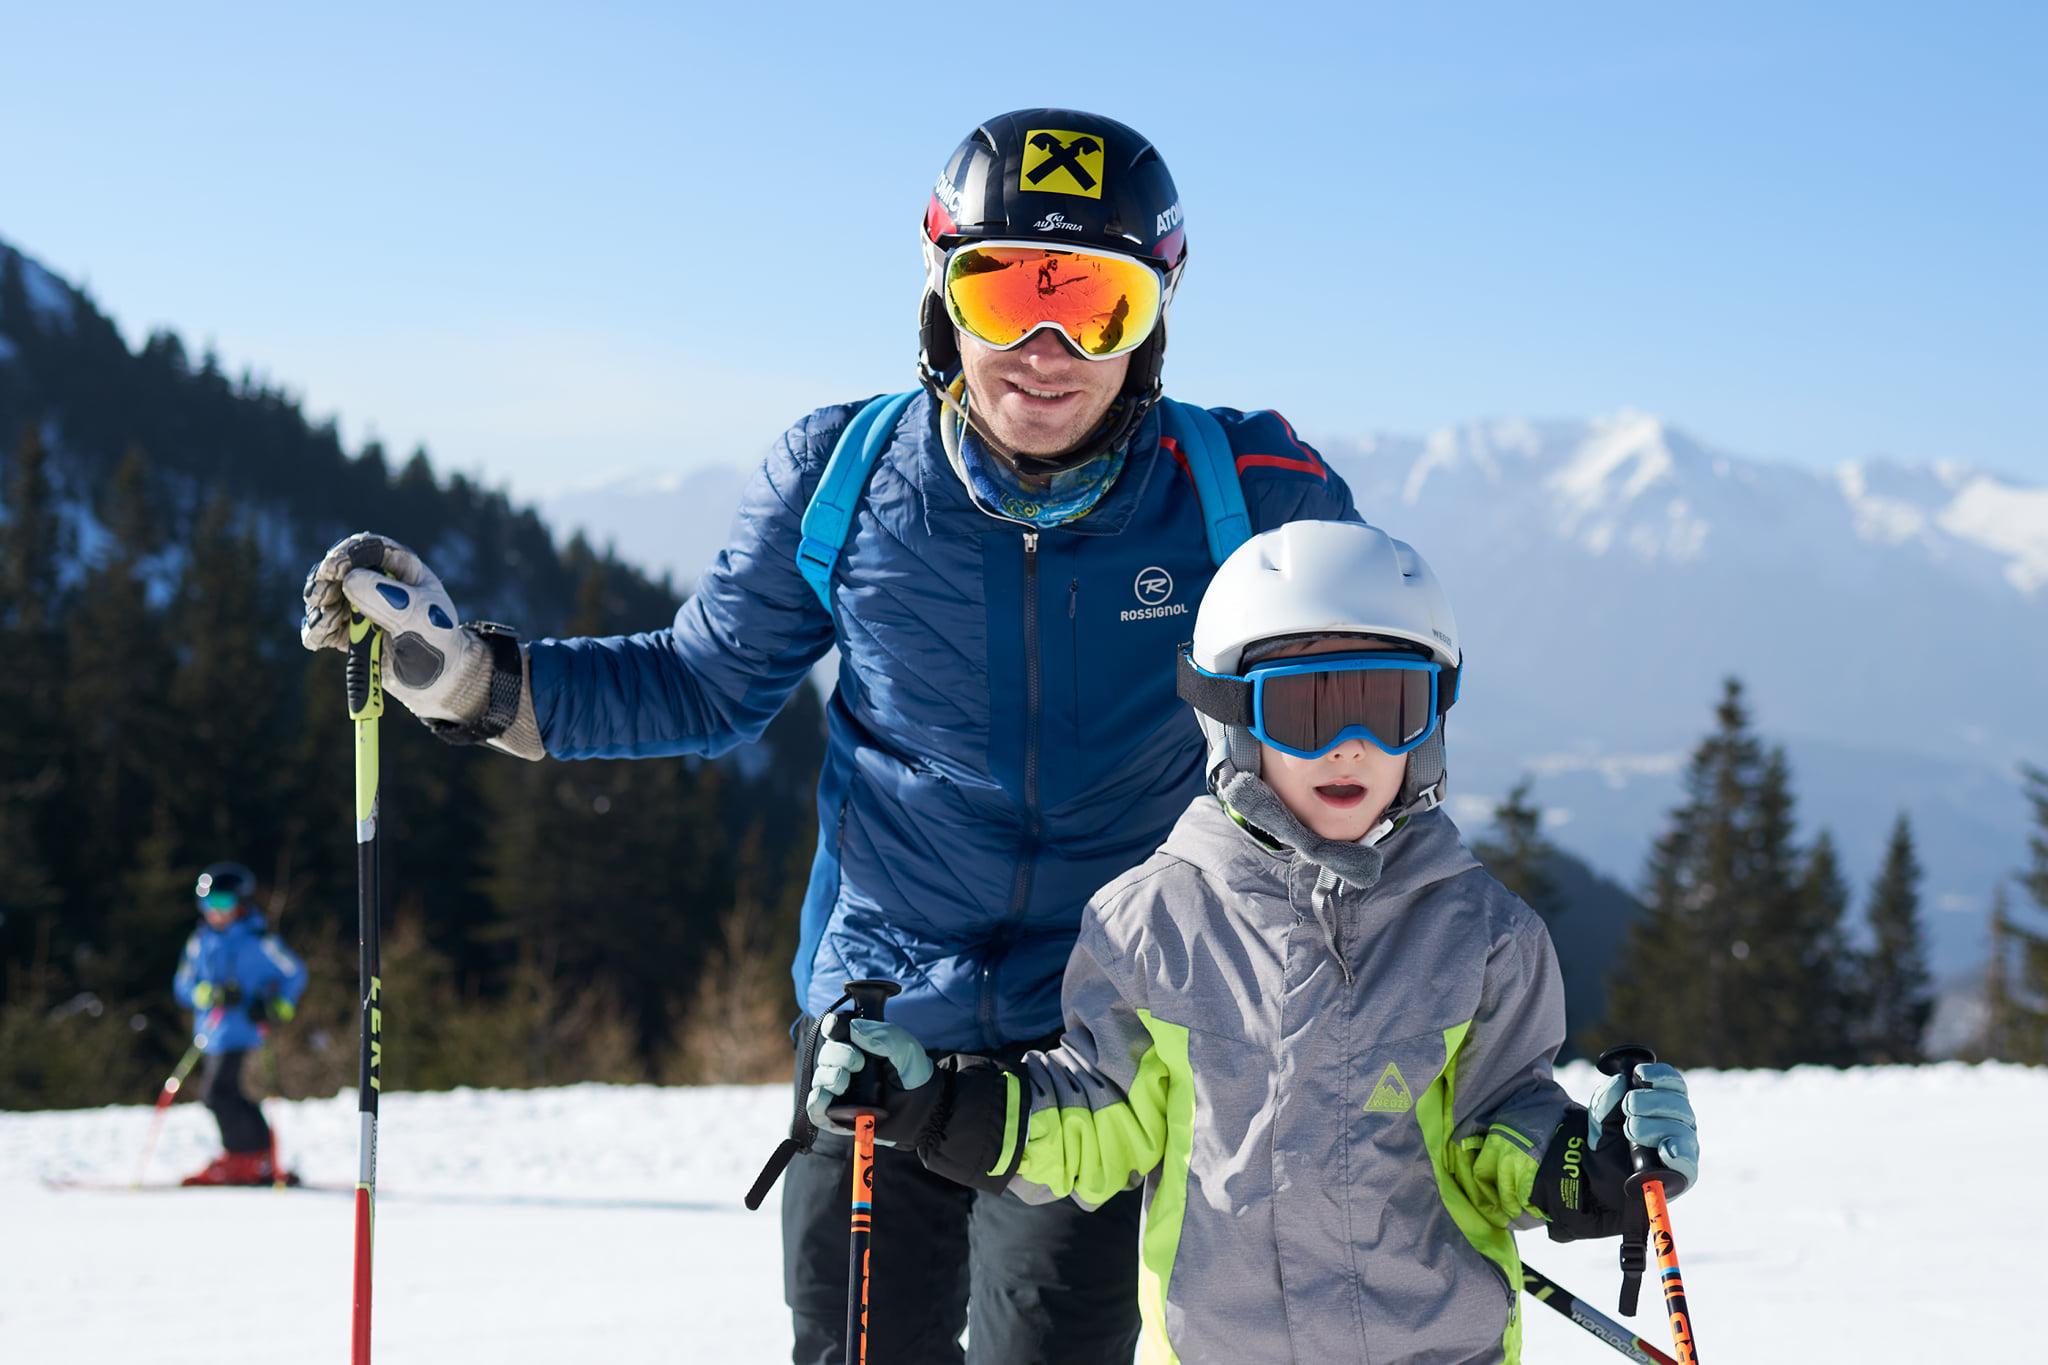 Lectii de ski pentru copii cu R&J Scoala de Ski si Snowboard din Poiana Brasov